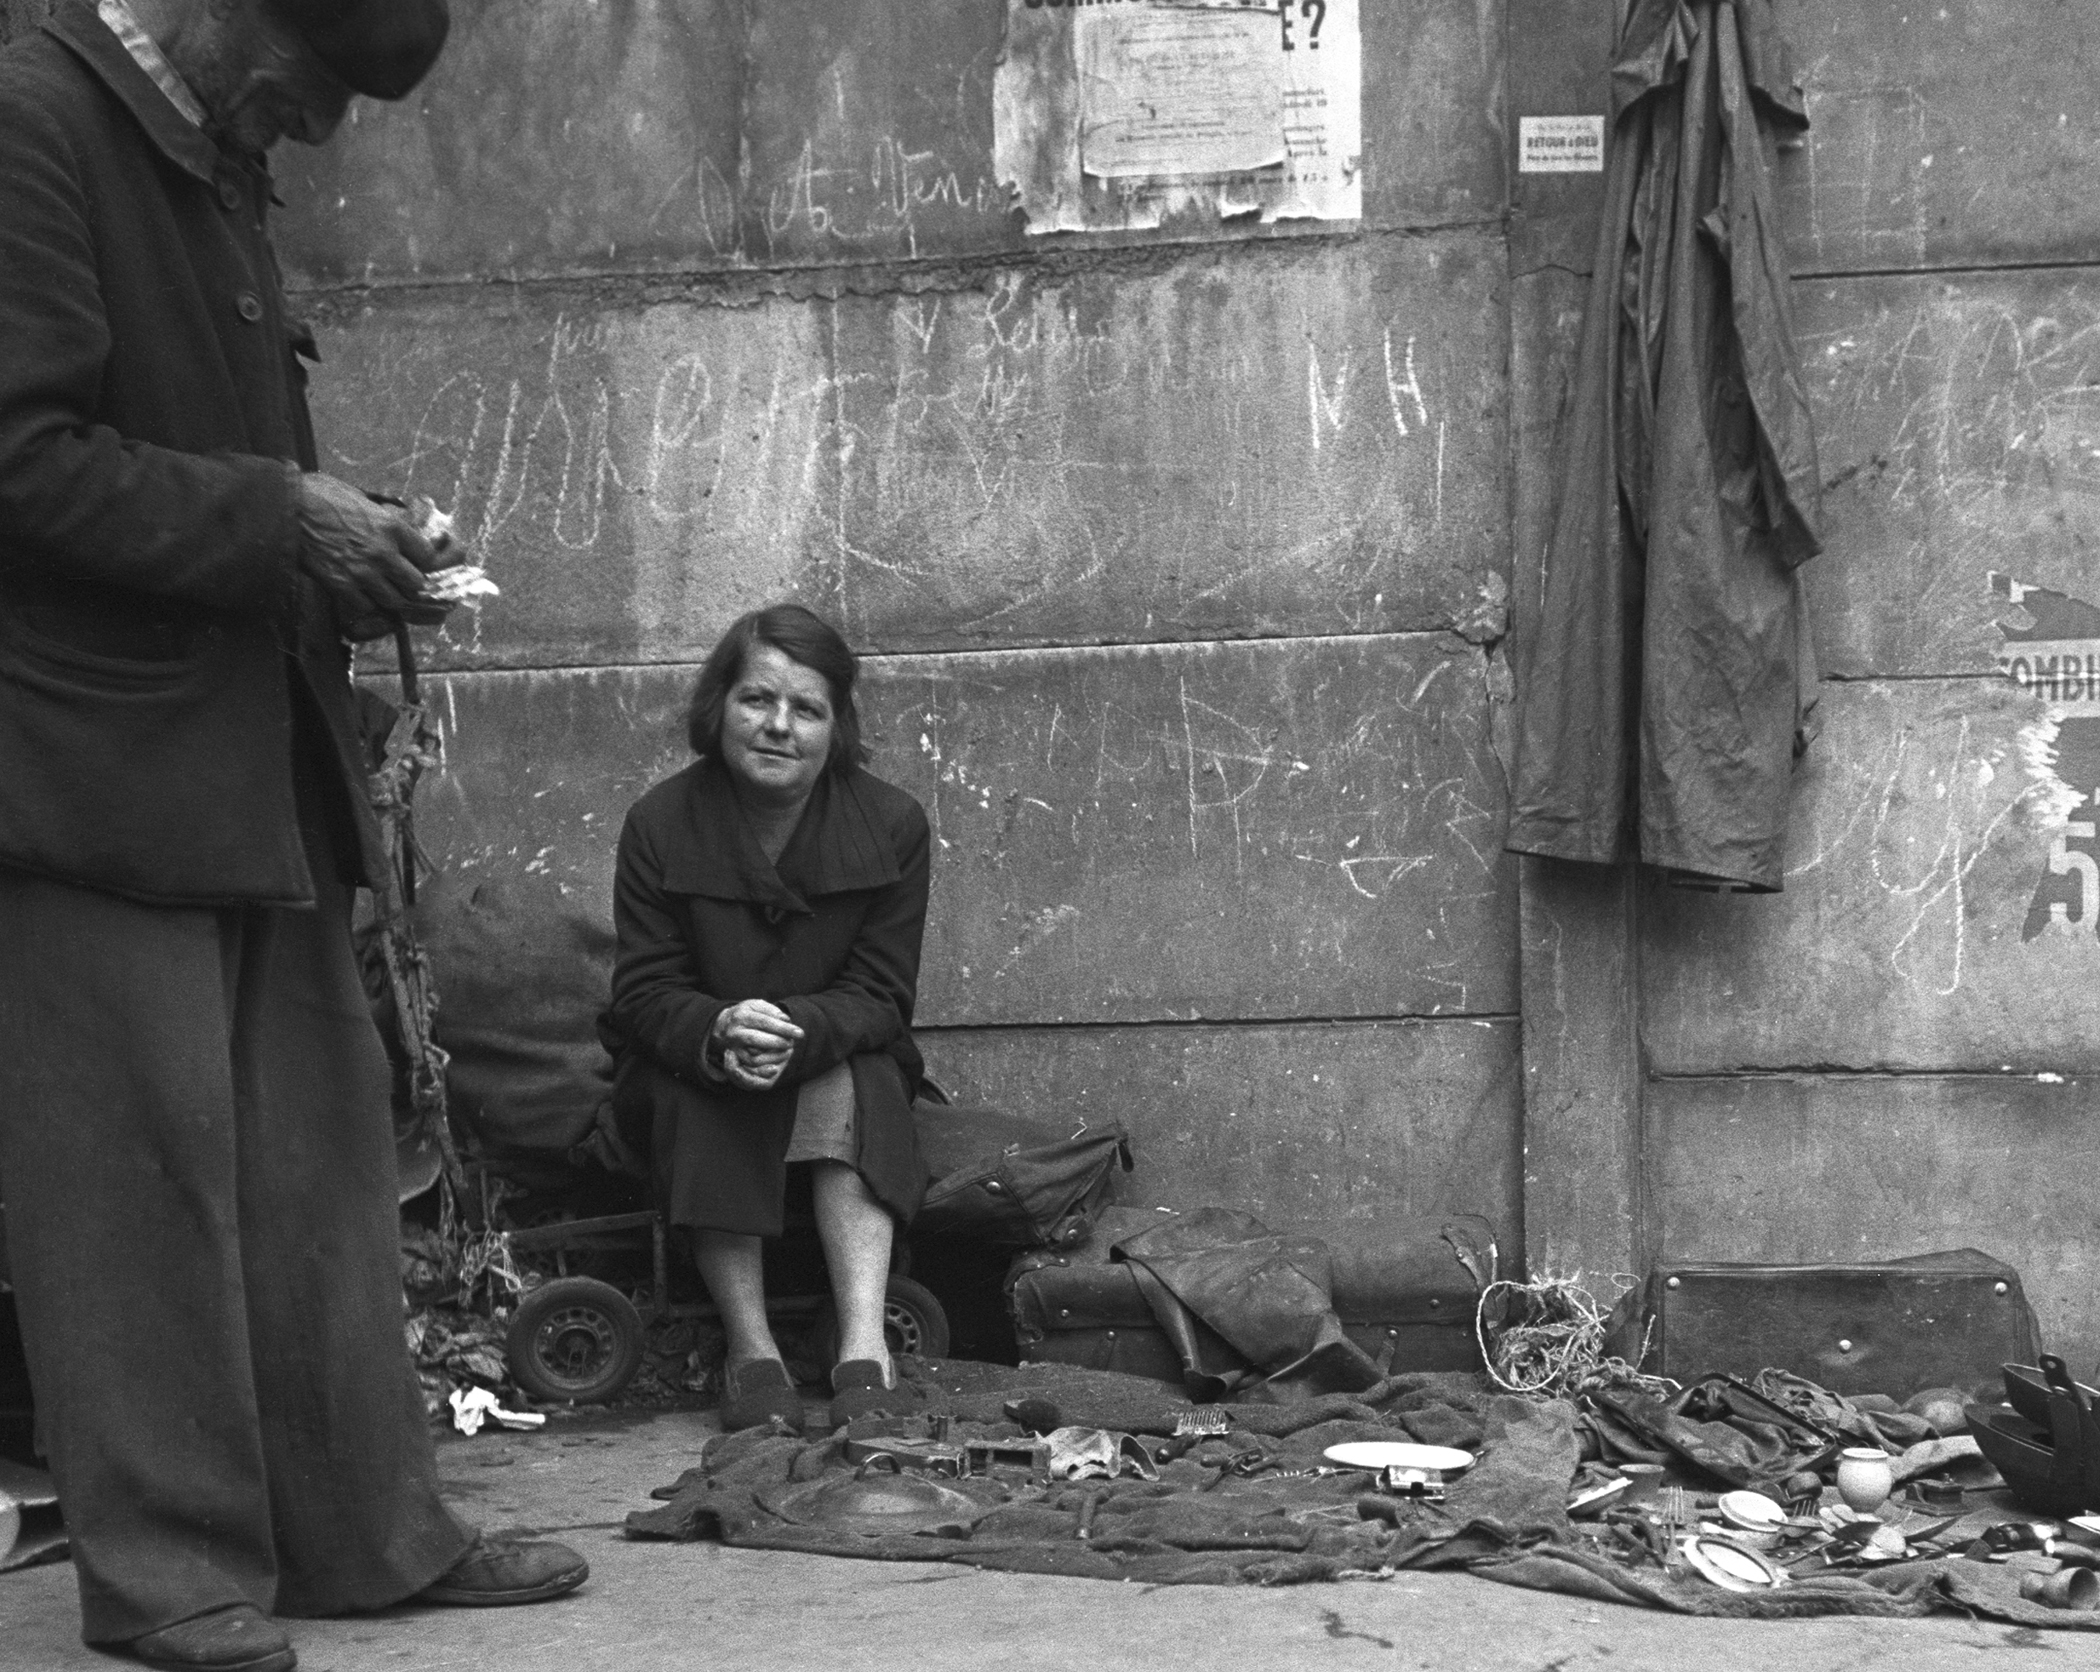 SIDEWALK LADY - 1948